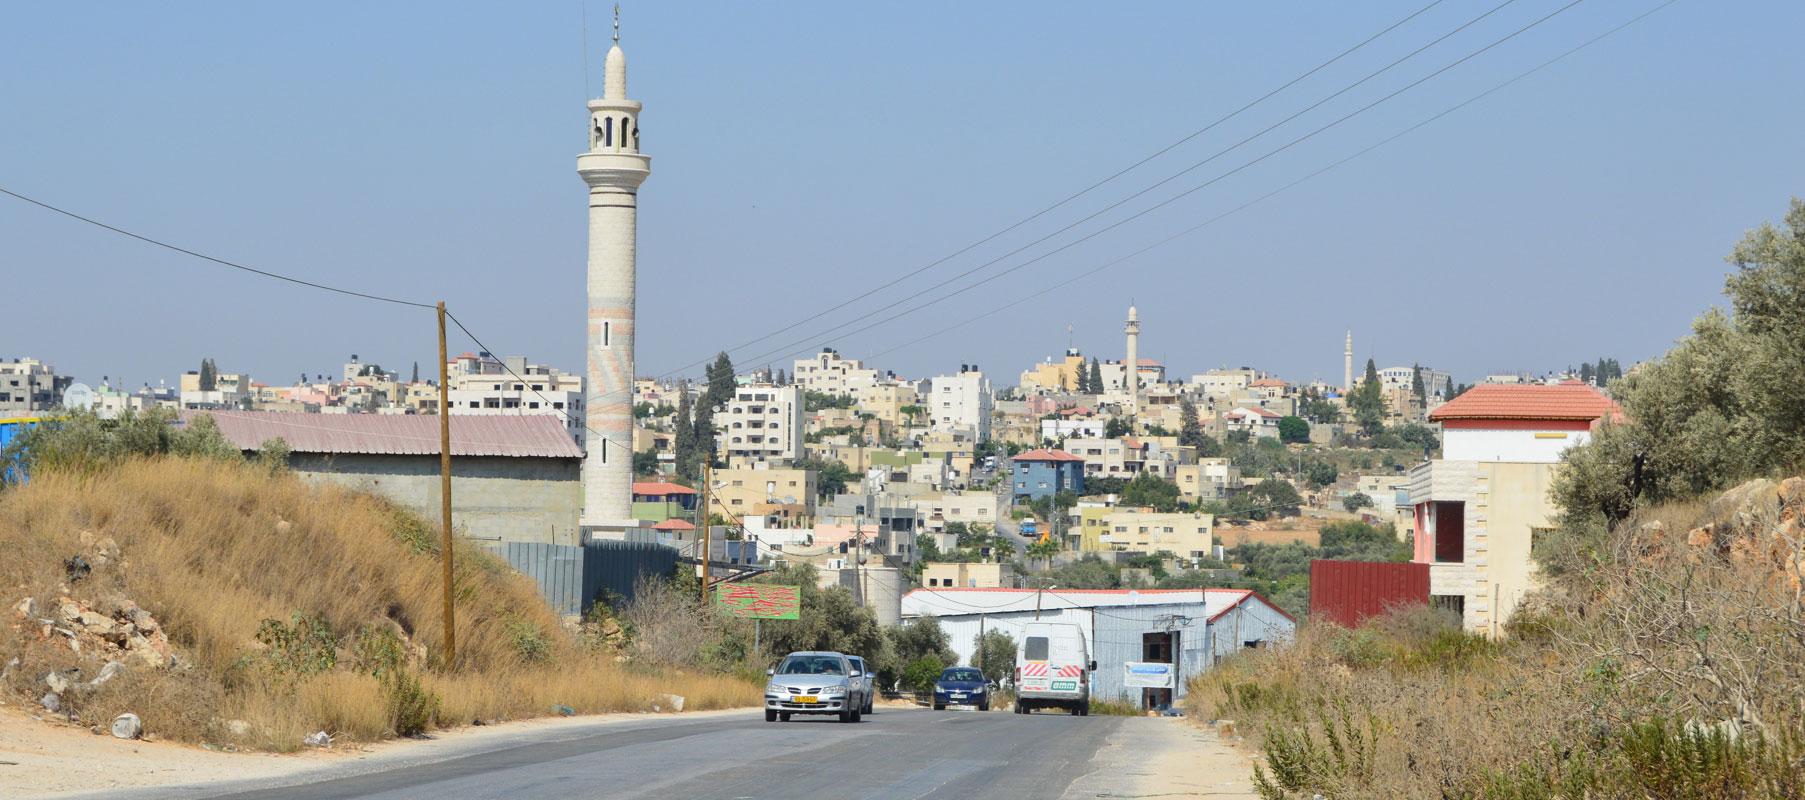 Biddya, Palestine